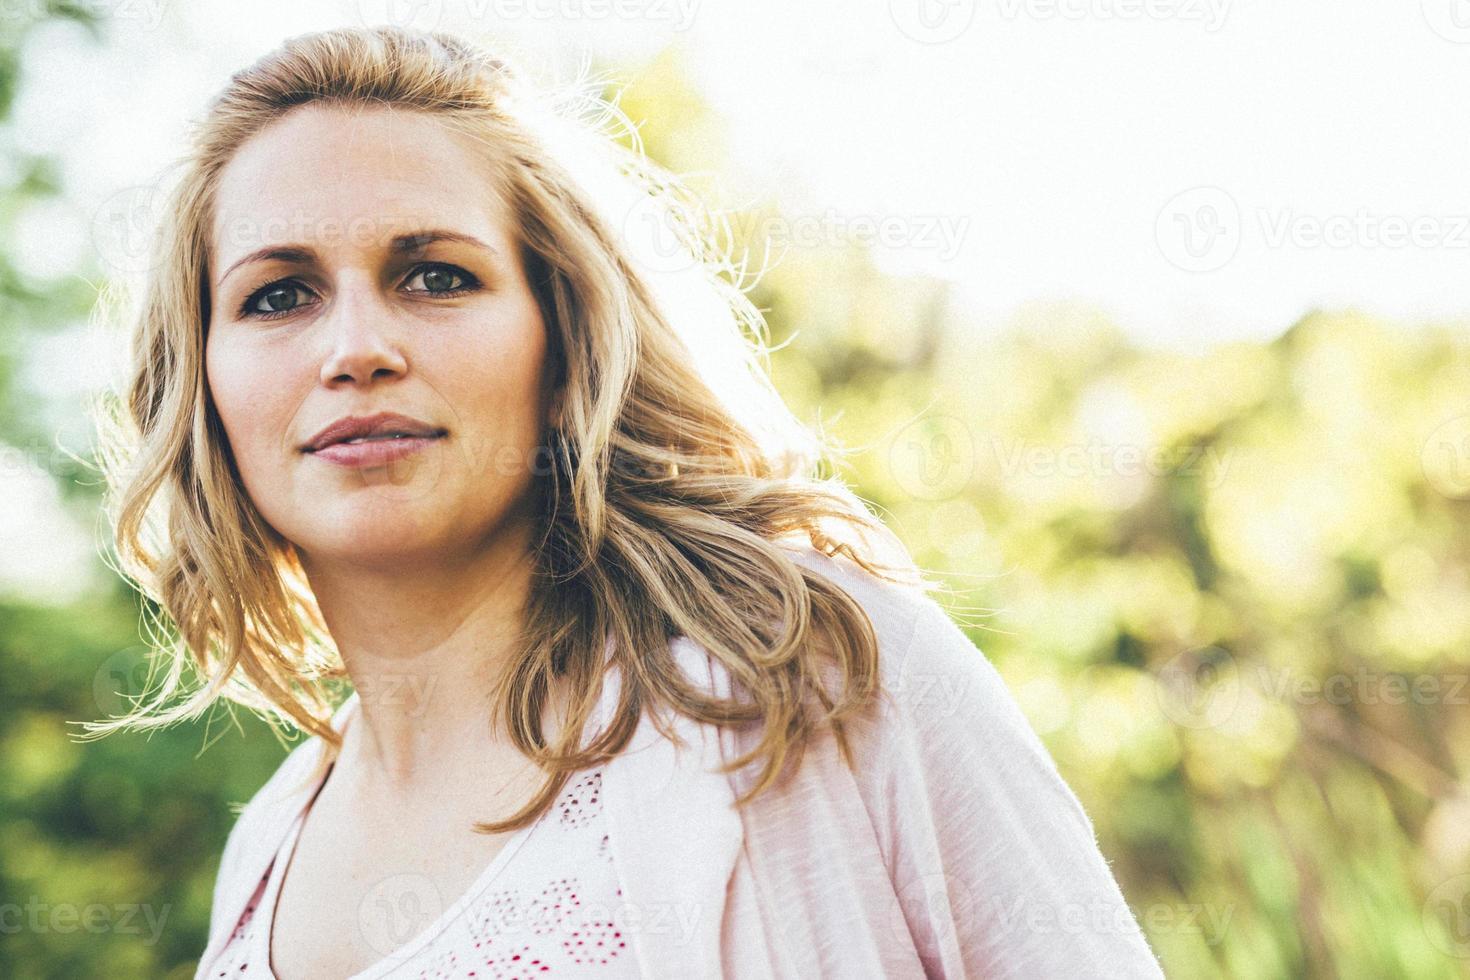 belle jeune femme souriante à l'extérieur pendant l'été photo